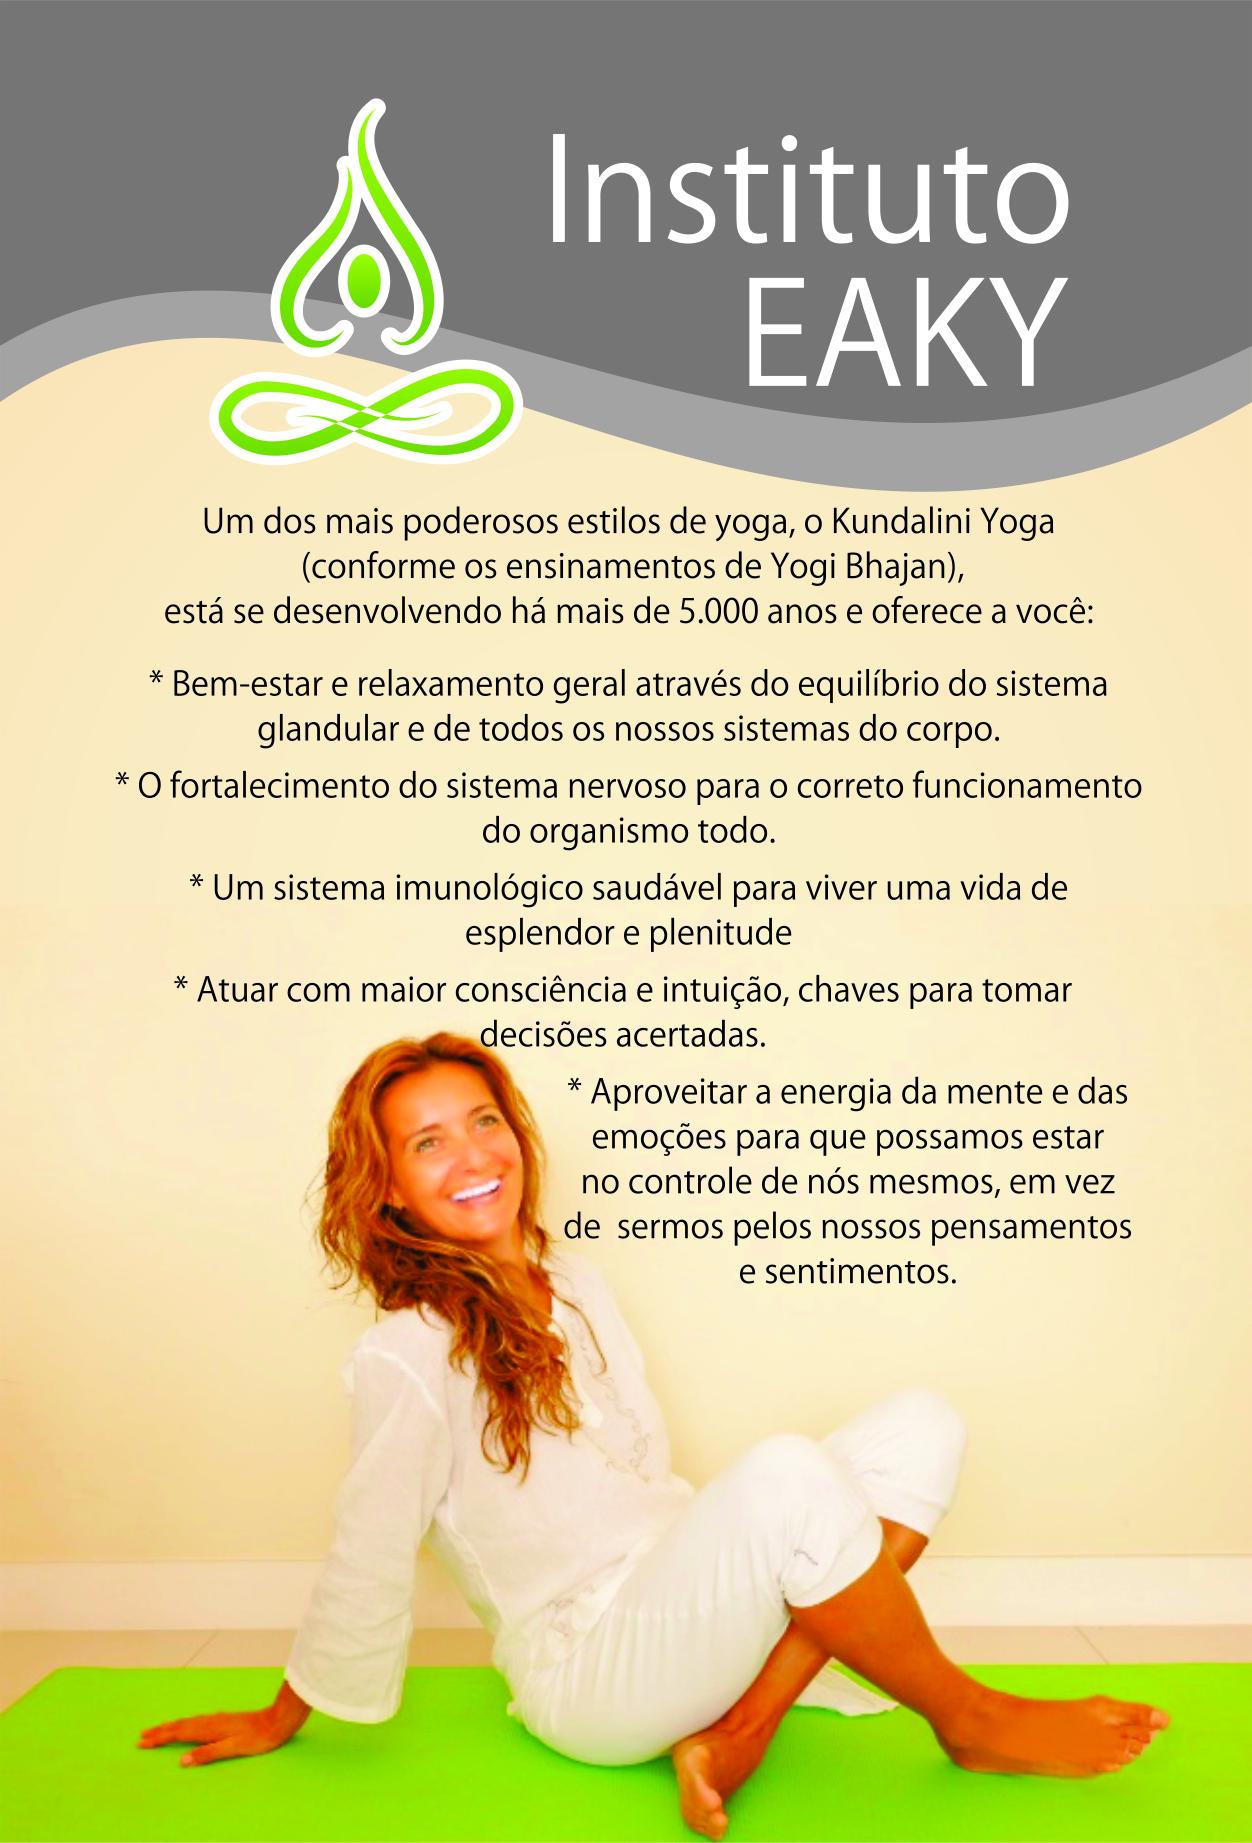 #50526 Folder Instituto EAKY Marta Aragon FR.jpg